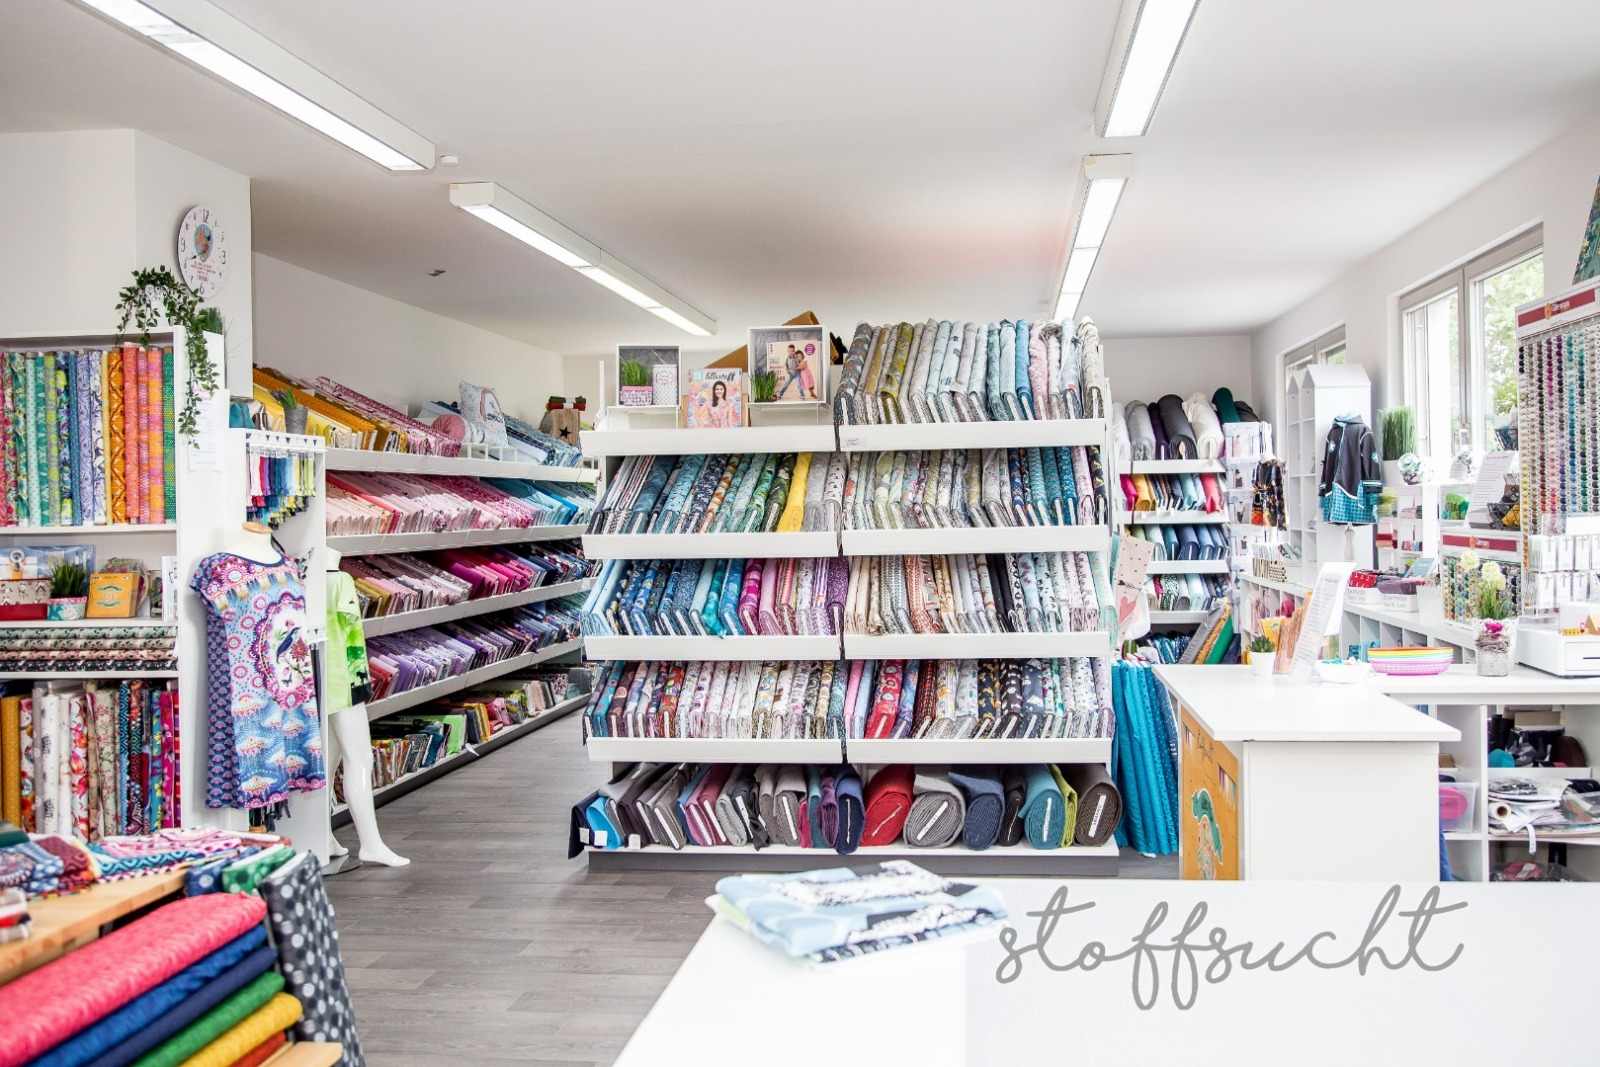 Unser Laden in Altdorf